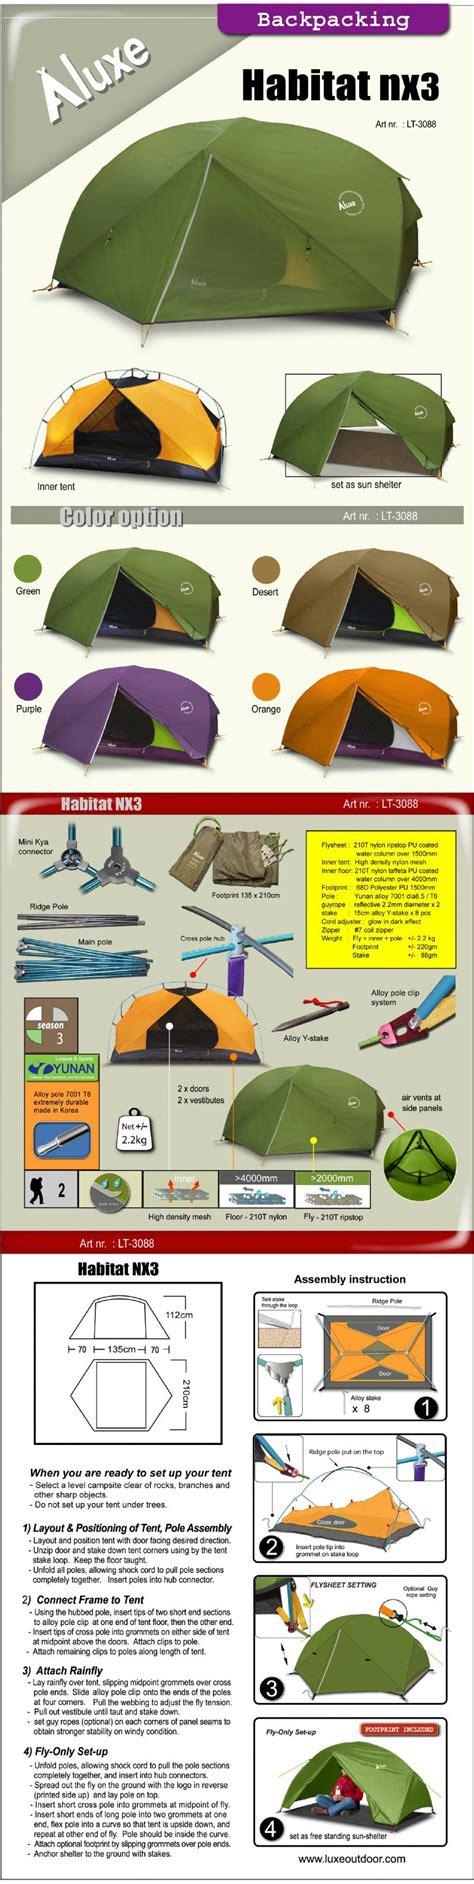 Tenda Luxe Habitat Nx luxe outdoor